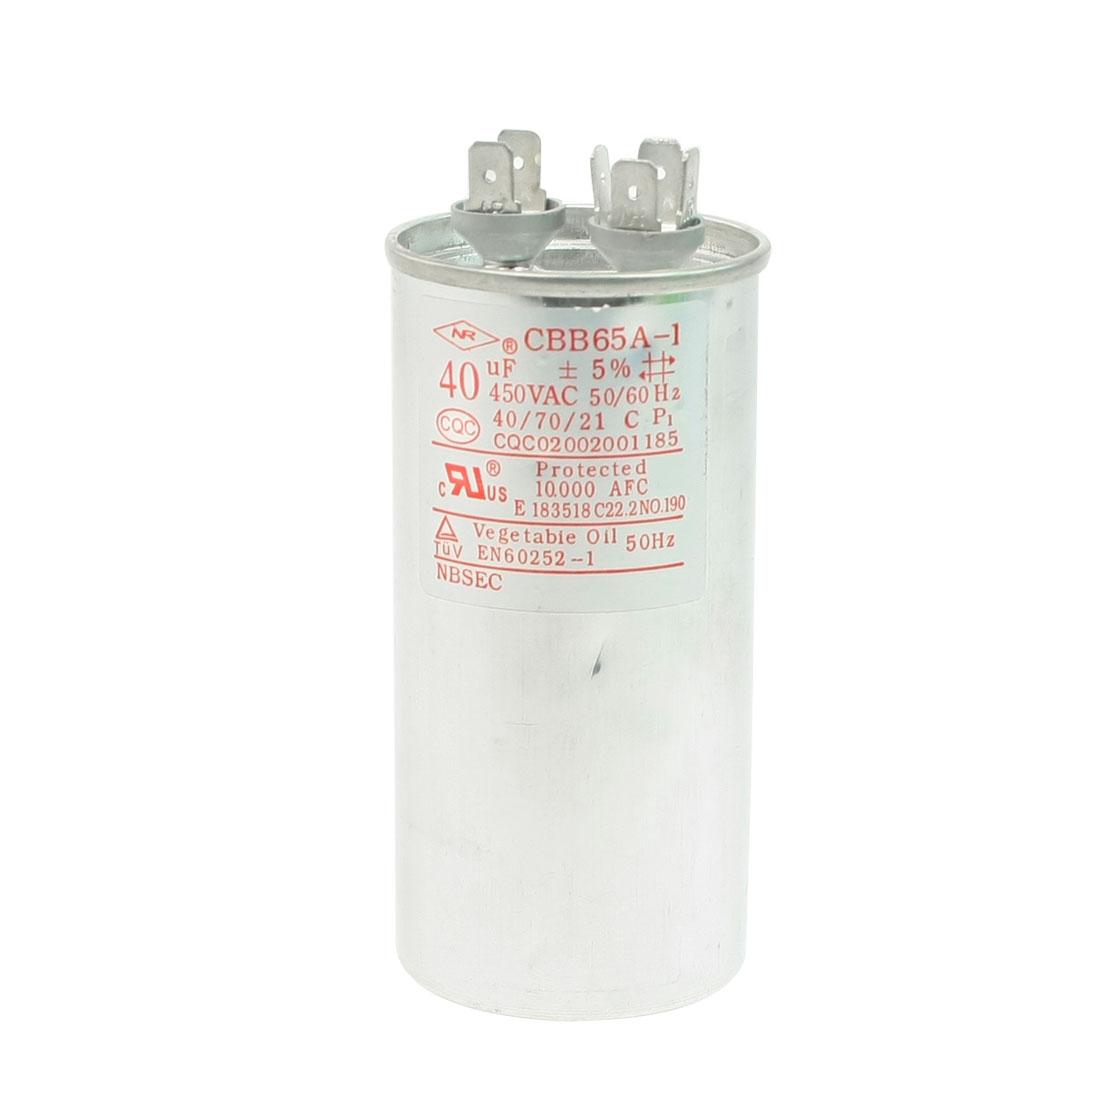 450VAC 40uF CBB65A-1 Polypropylene Film Motor Capacitor for Air Conditioner